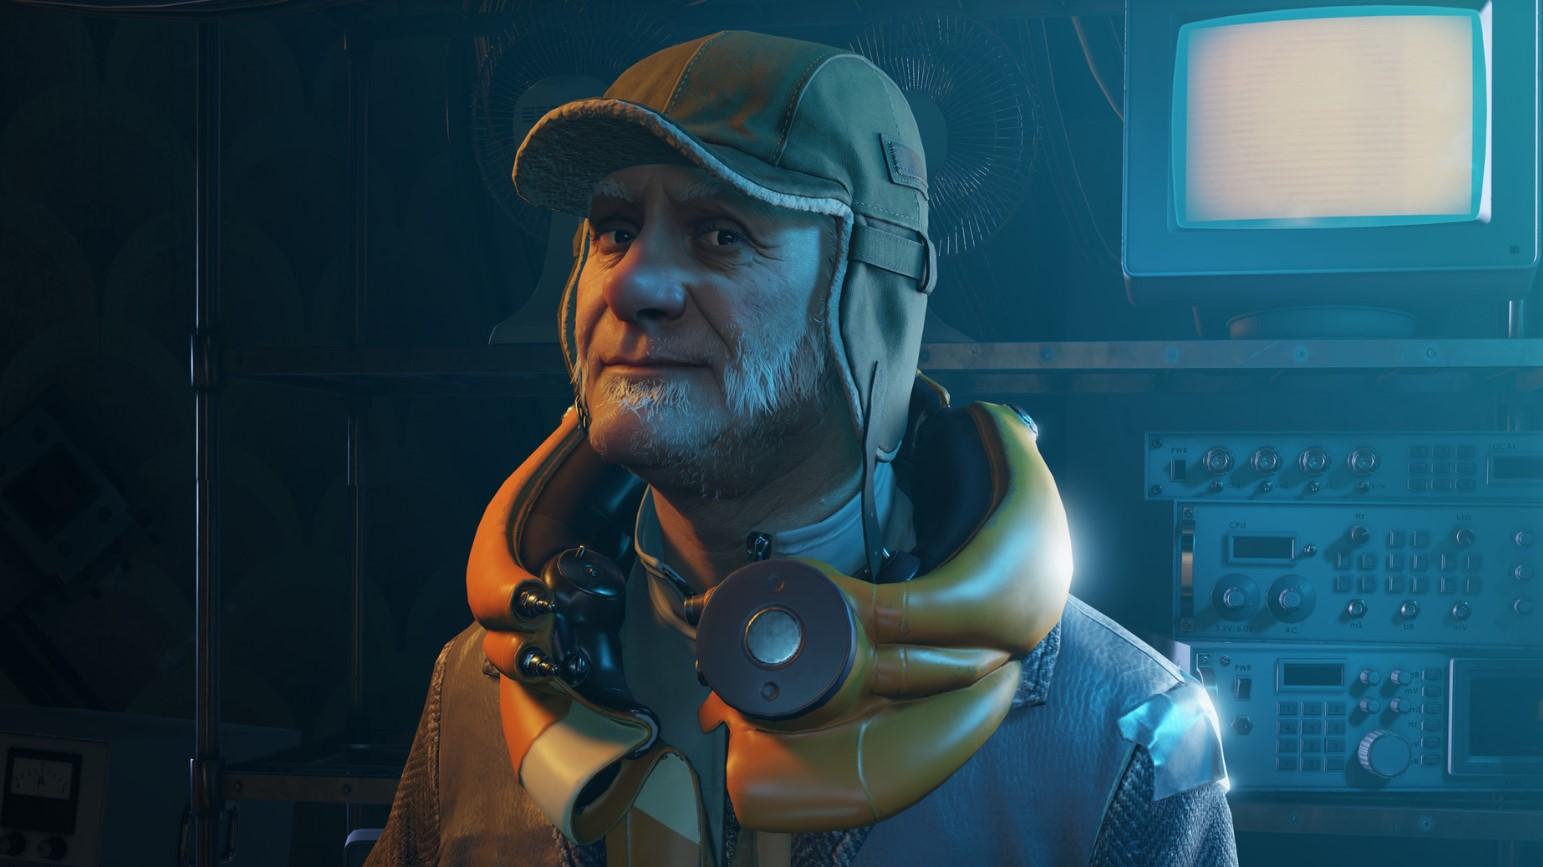 «Half-Life: Alyx— круто»: Мэддисон оценил новую VR-игру Valve